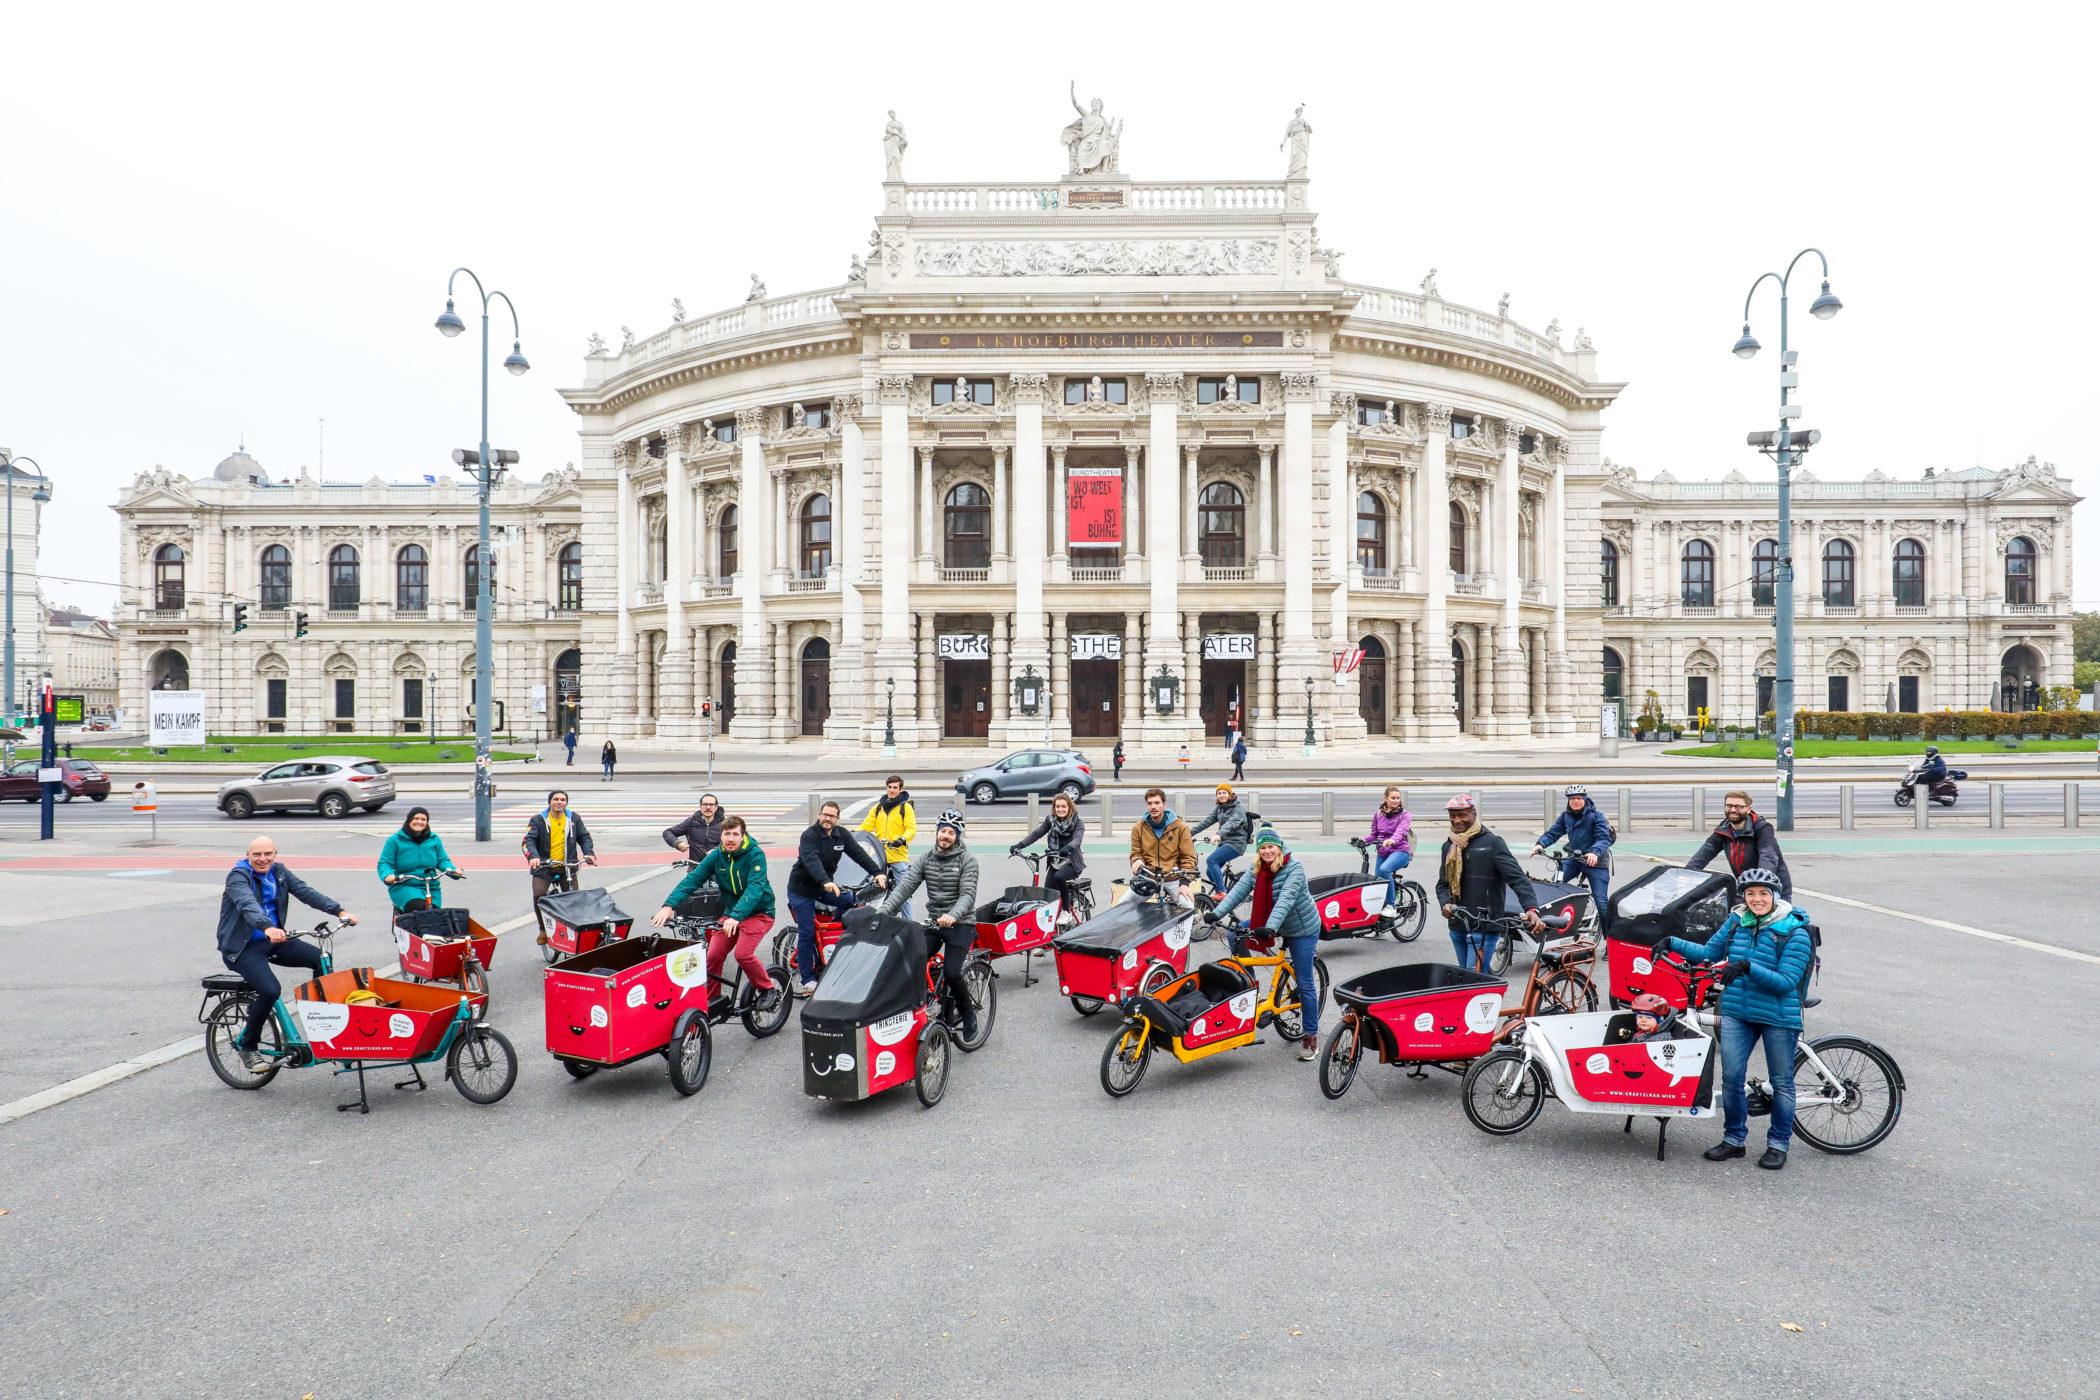 Die Flotte der Lastenräder die als Grätzlräder kostenlos ausgeborgt werden können vor dem Wiener Burgtheater